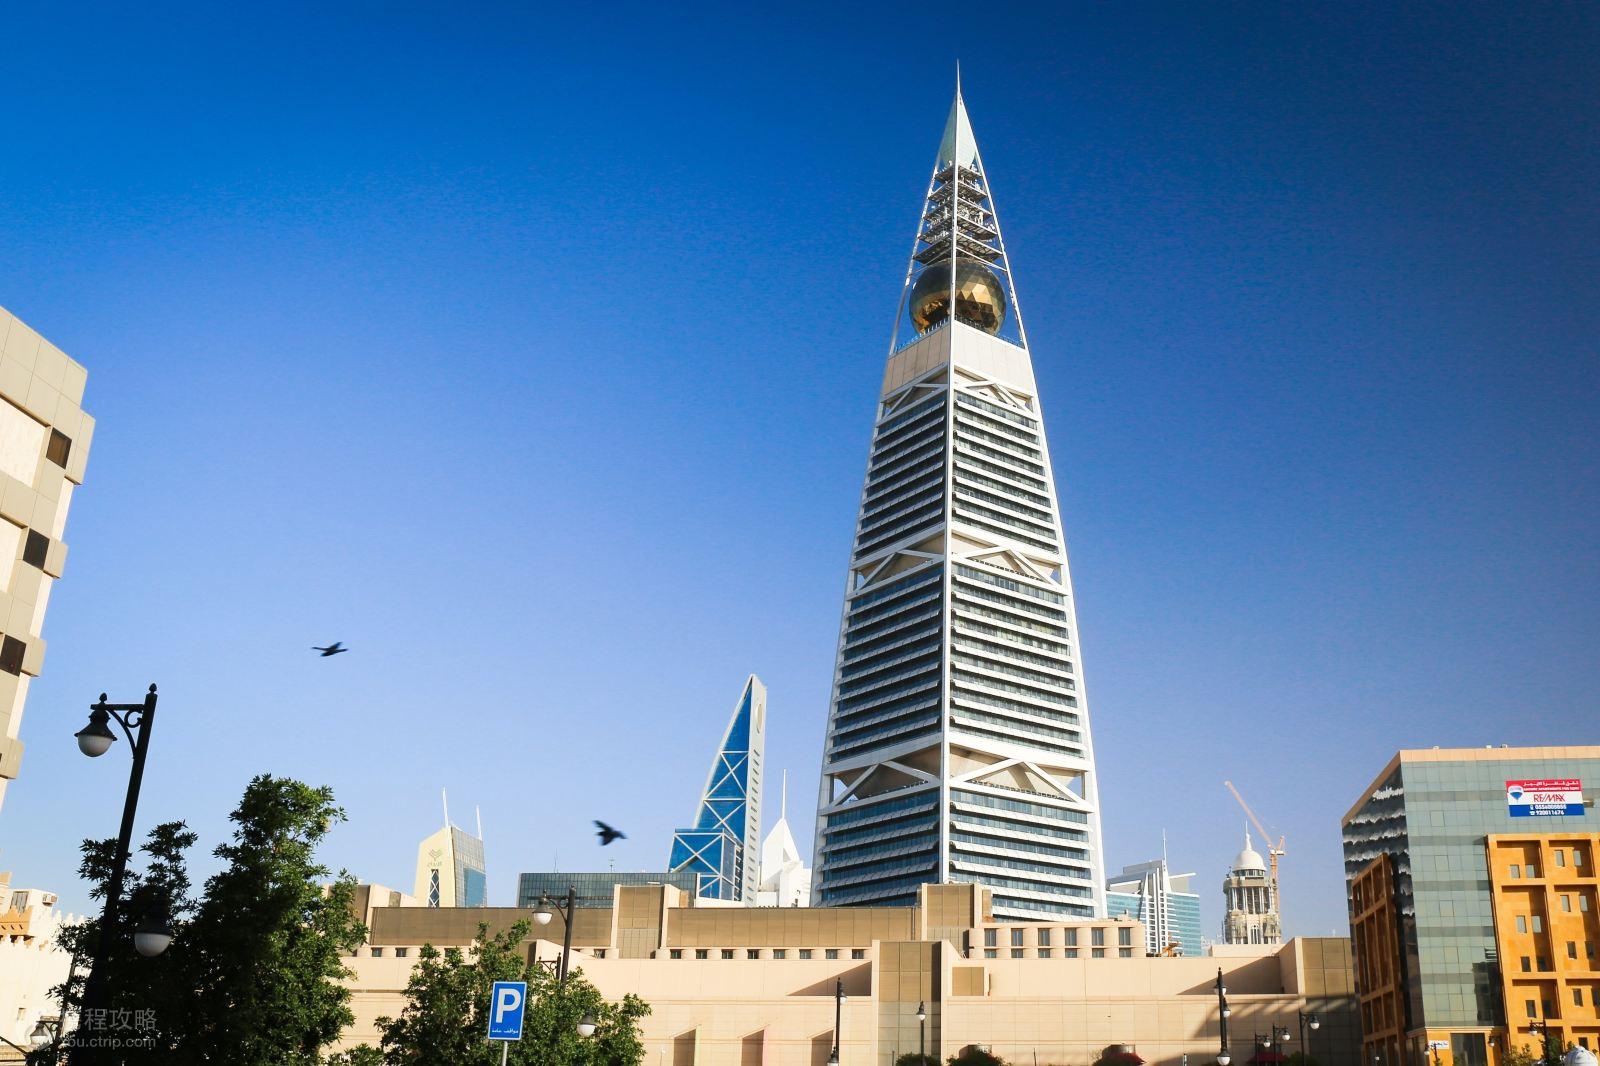 科威特+沙特阿拉伯+巴林+阿联酋+阿曼+卡塔尔14日跟